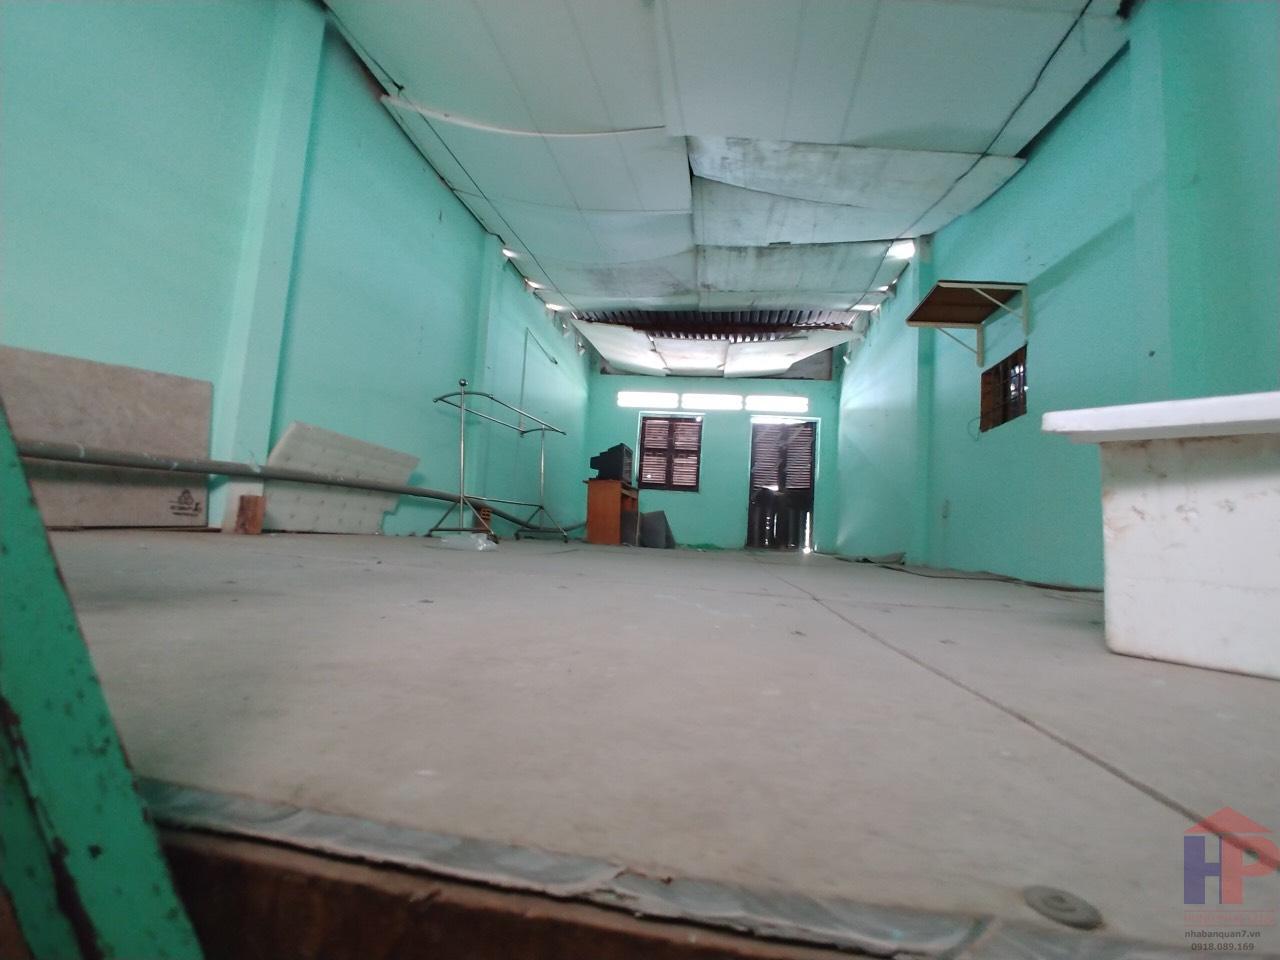 Bán nhà hẻm 944 Huỳnh Tấn Phát Quận 7, nhà cấp 4, DT 4x12m, giá 3 tỷ